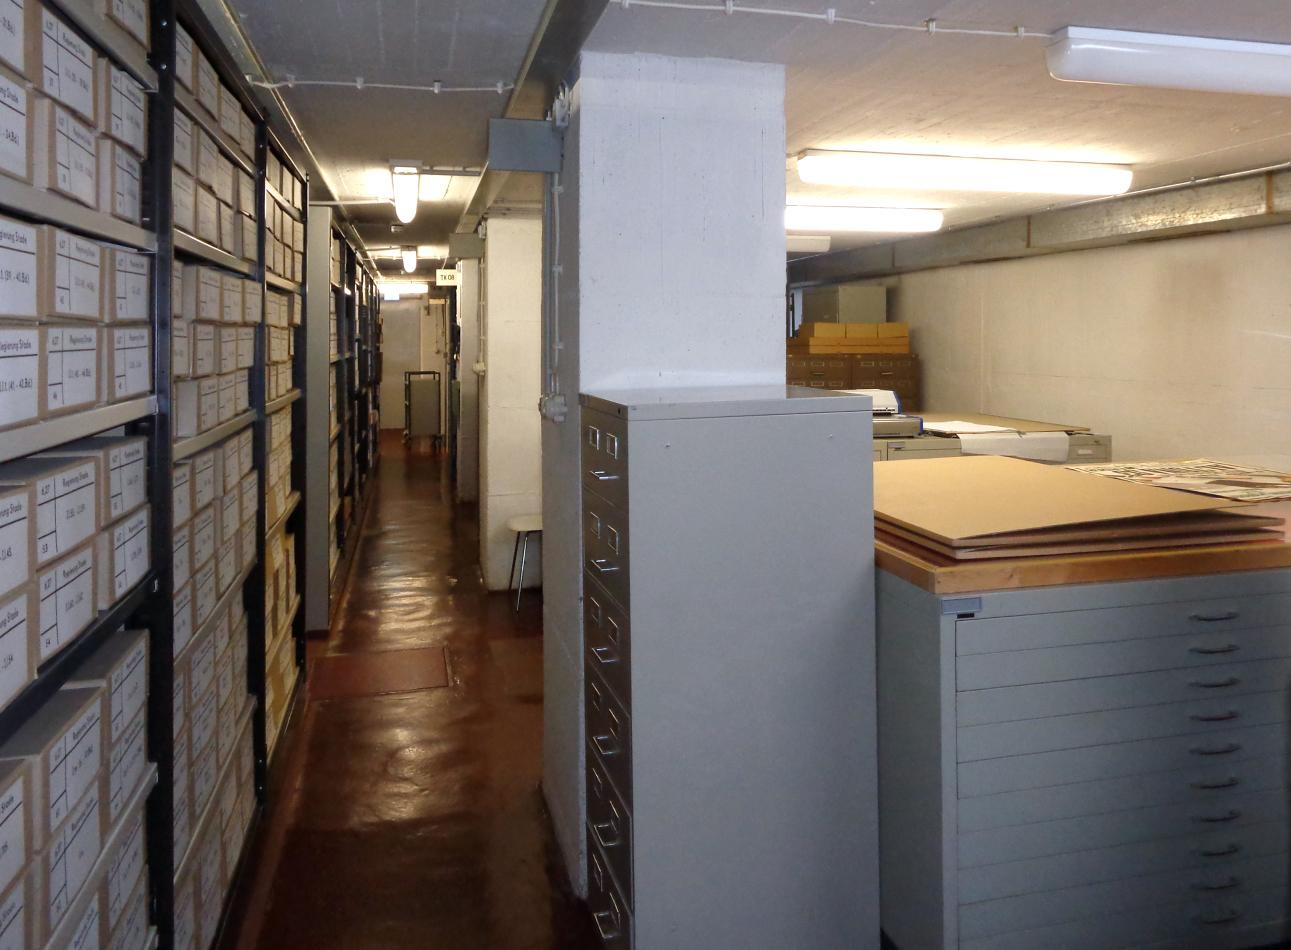 Full Size of Regale Keller Hamburg Holz Für Nach Maß Günstige Günstig Schmale String Meta Schäfer Amazon Weiße Metall Regal Regale Keller